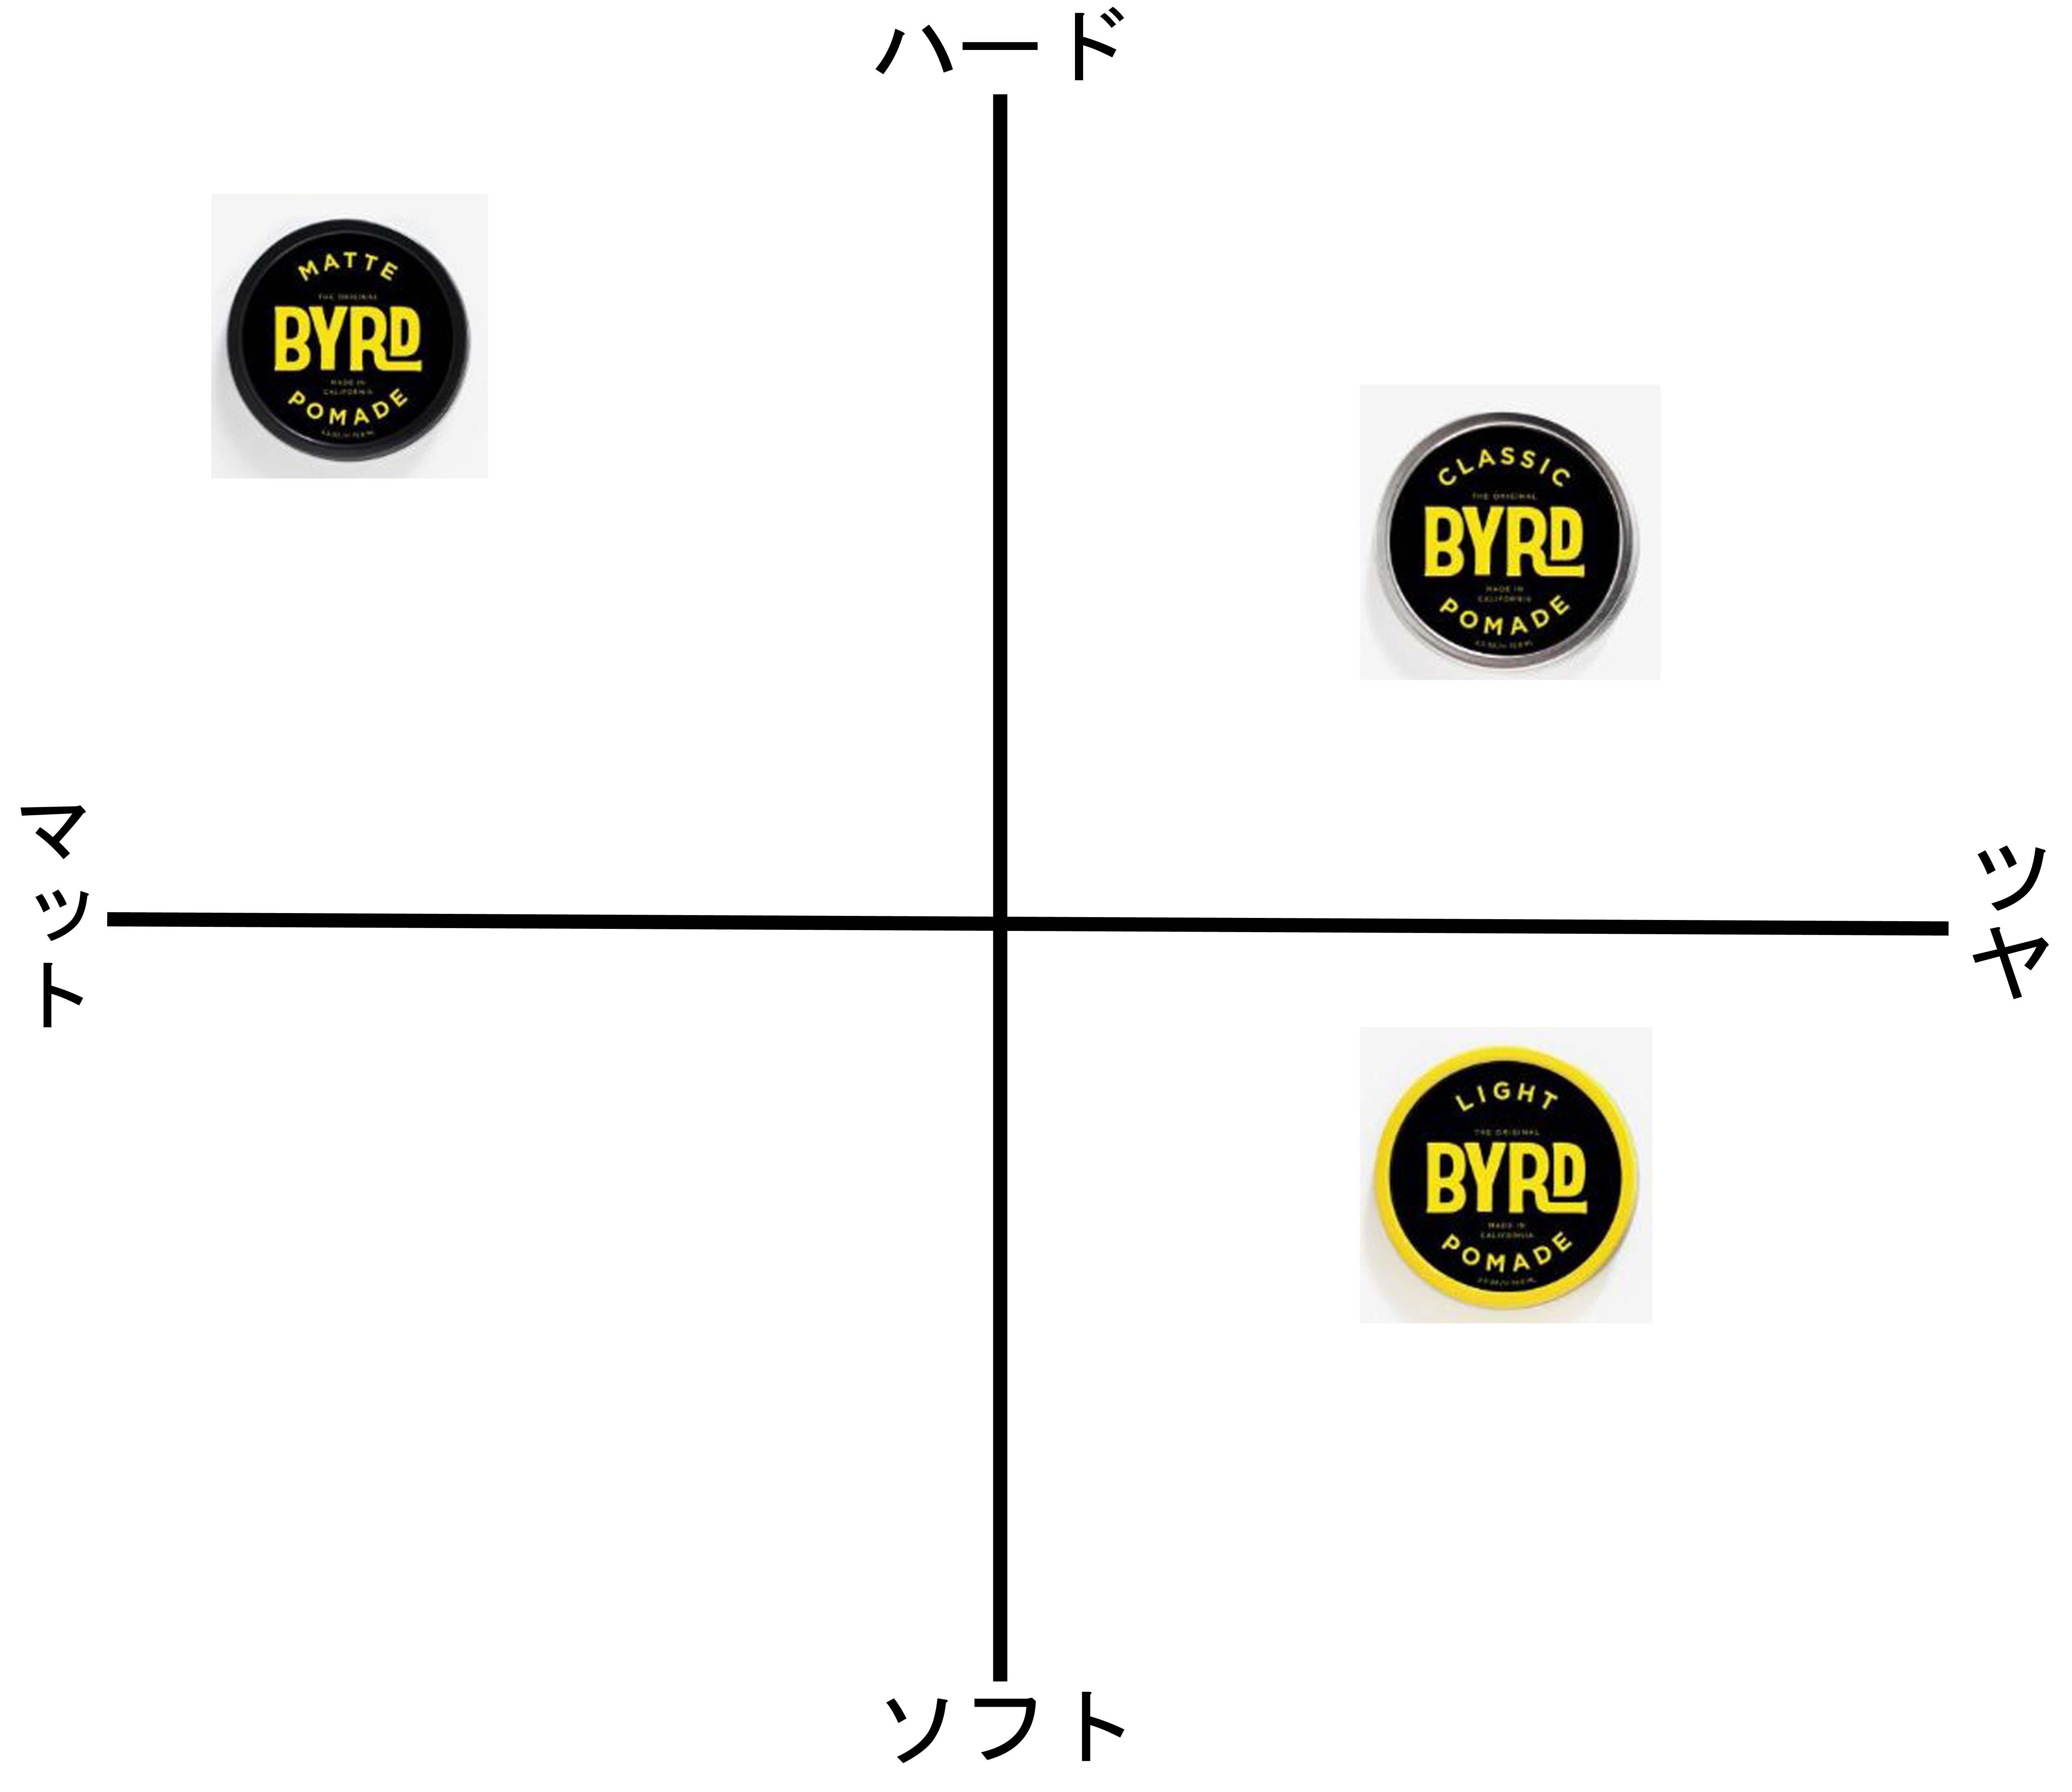 バードポマード 種類 比較